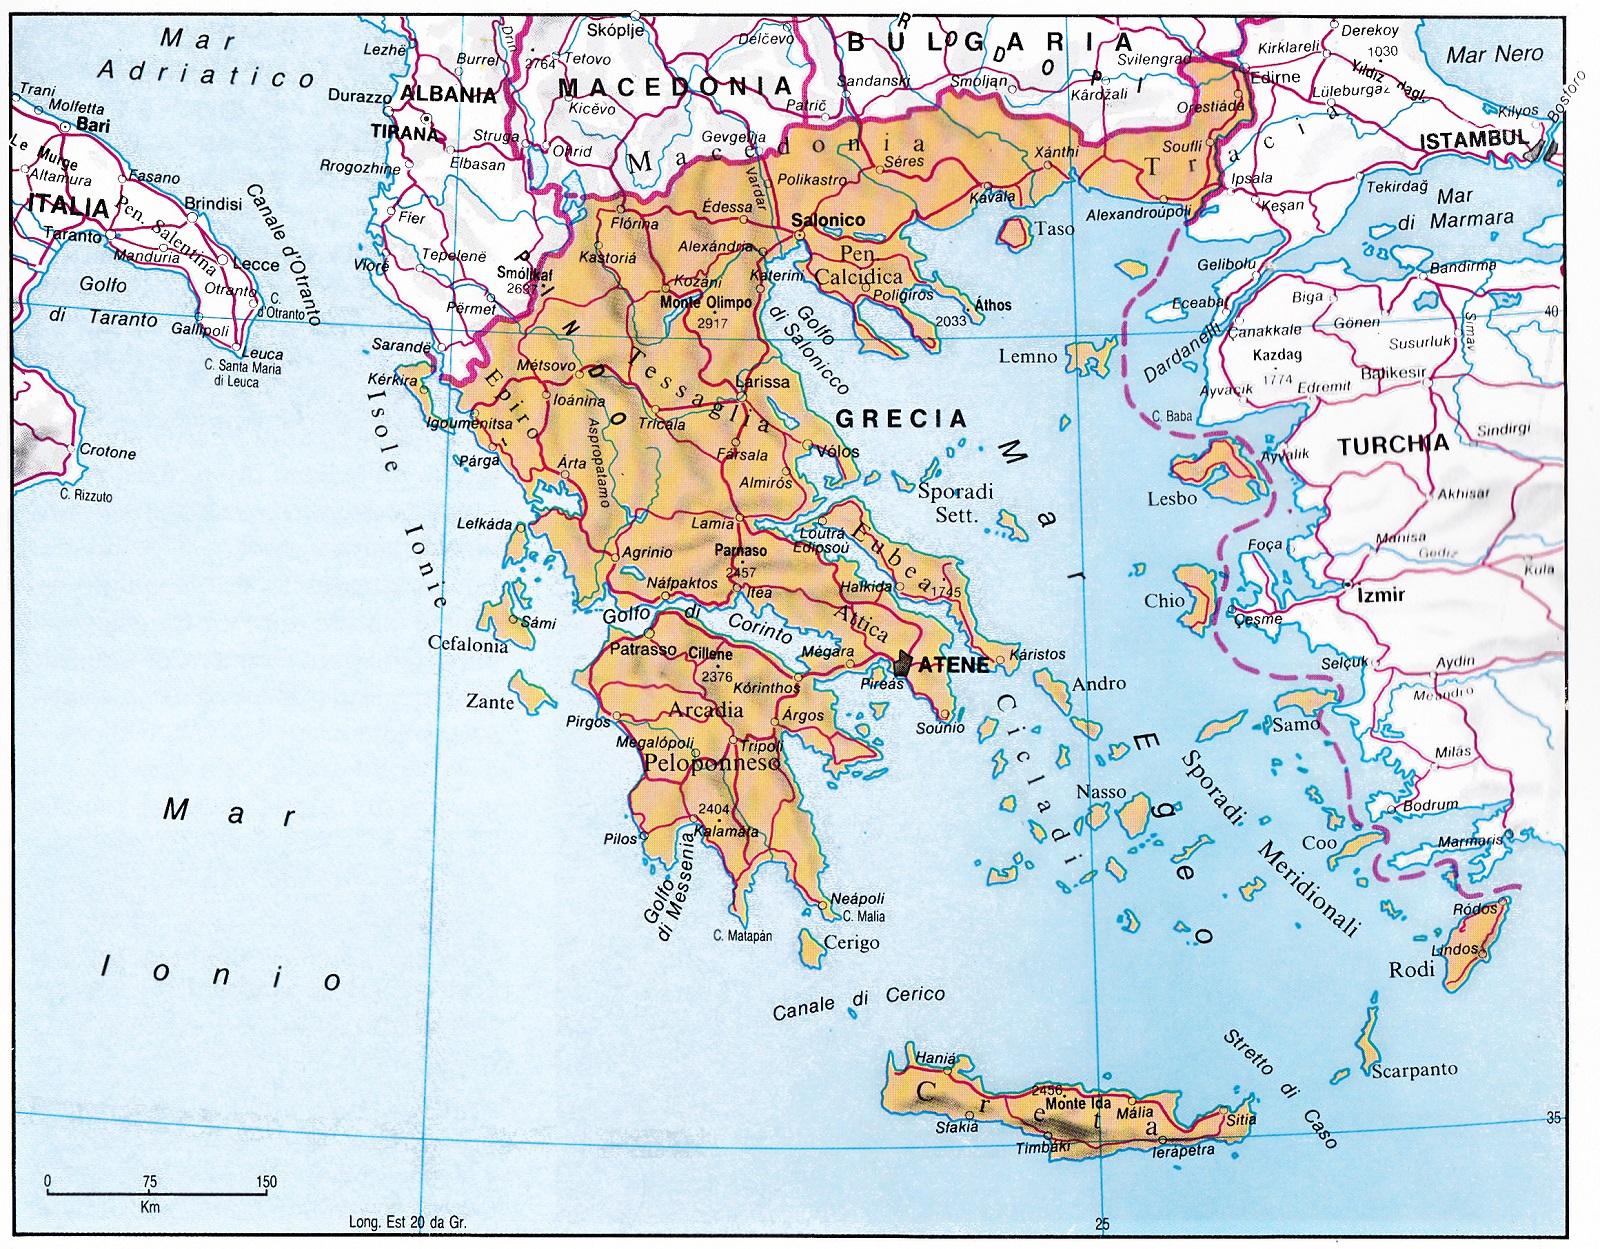 Cartina Della Grecia Con Isole.Isole Della Grecia Rodi Santorini Lefkada Creta Mikonos Cefalonia Corfu Islands Of Greece Blog Di Pociopocio